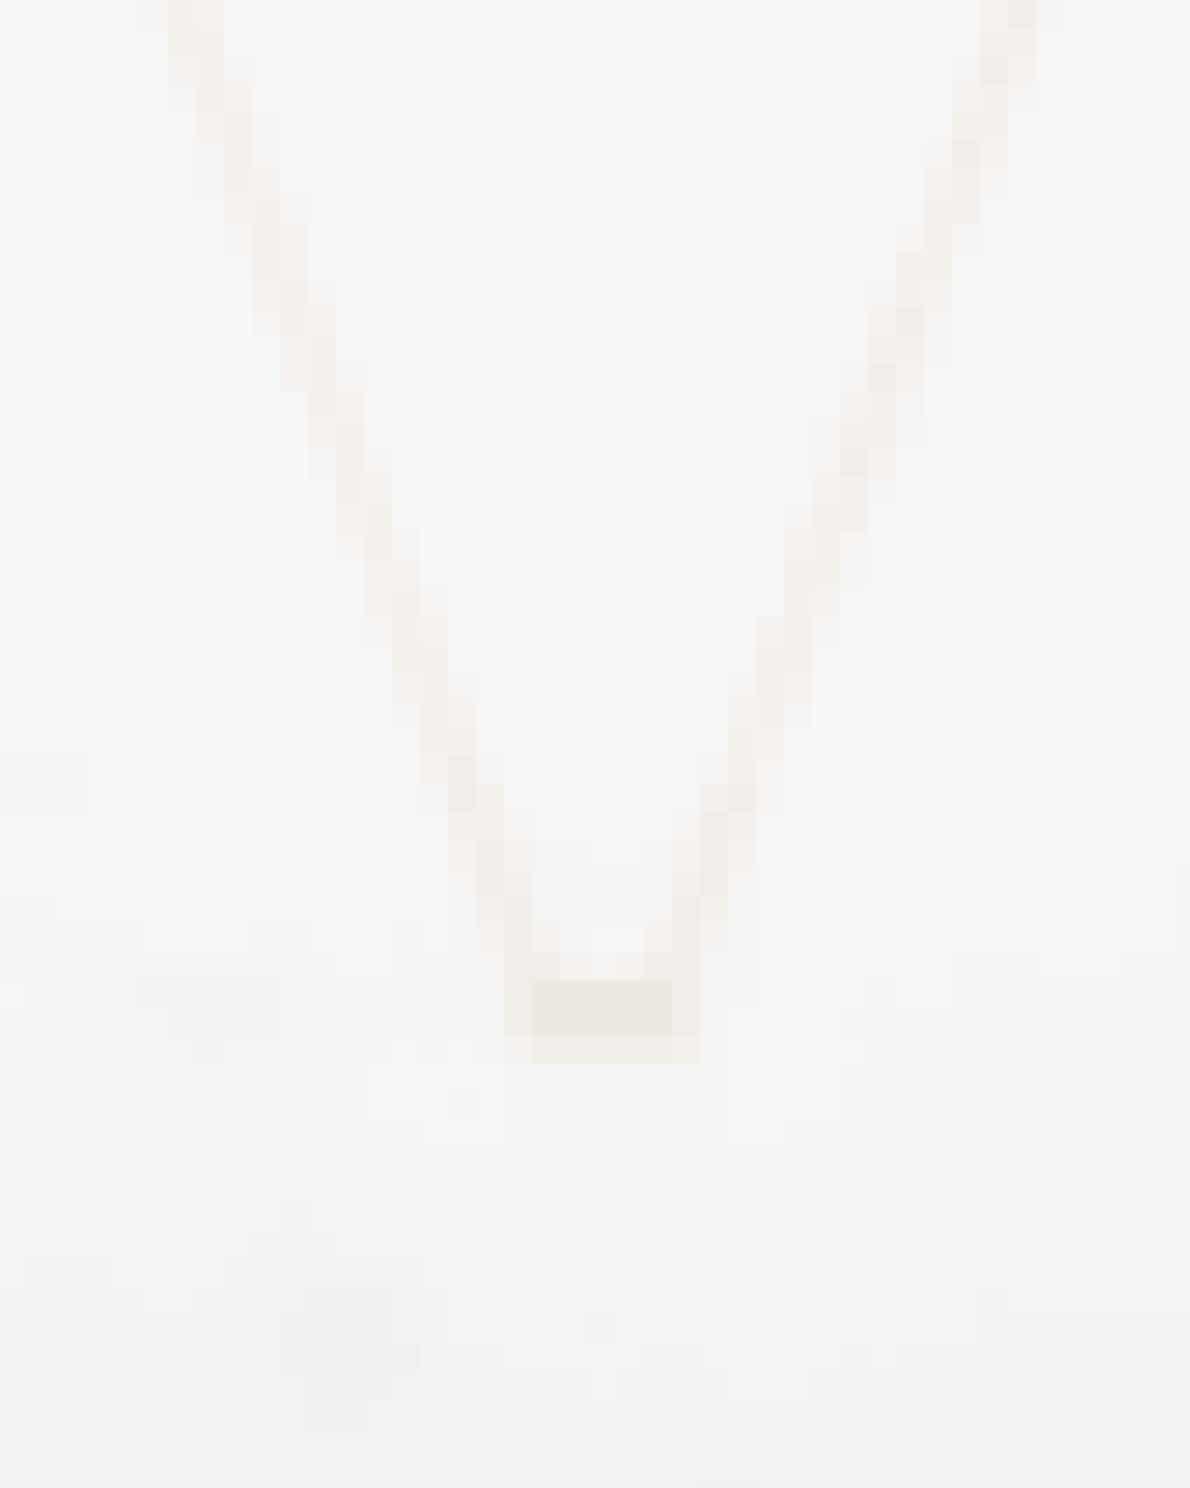 'Evighedstegnet' halskæde fra Moss Copenhagen til 140 kroner.